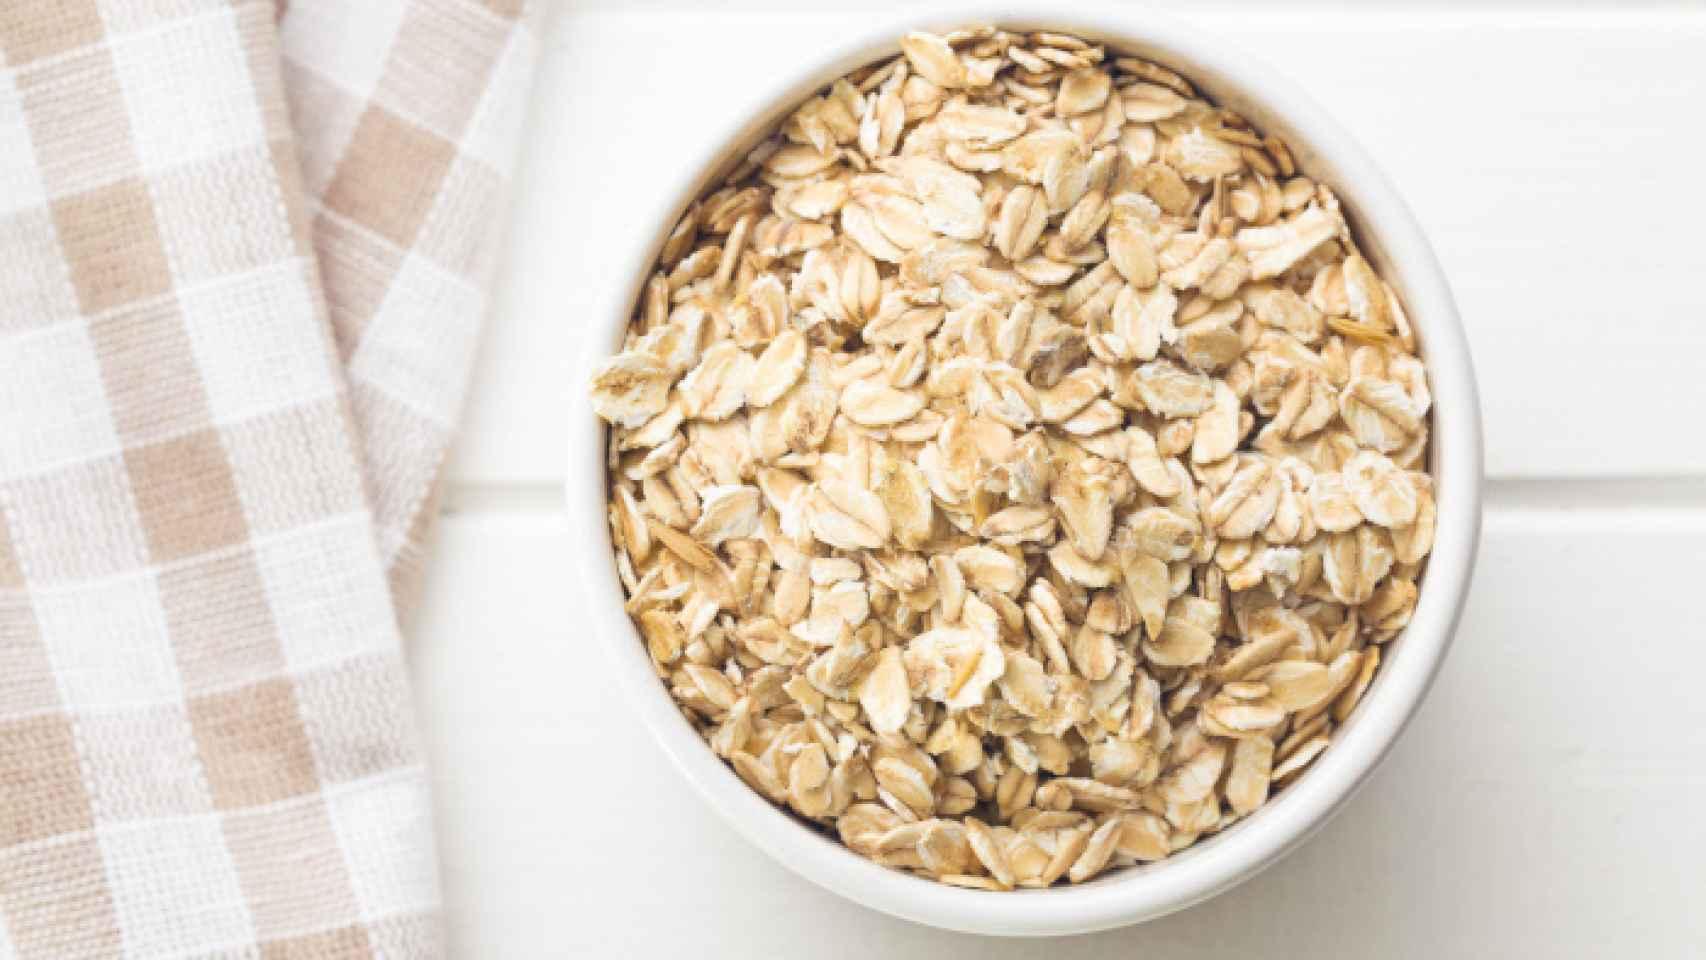 AVENA: este cereal de alto contenido en vitamina E y del grupo B, la avena se ha convertido en un gran aliado para cuidar tanto nuestro organismo como nuestra piel. Alimento muy completo, contiene aminoácidos y minerales esenciales como el potasio o el silicio que favorecen el crecimiento del cabello y uñas. Además, la avena es el ingrediente principal de muchos jabones y cosméticos corporales gracias a sus numerosas propiedades que hidratan y nutren la piel, especialmente recomendado para tratamientos de pieles sensibles y atópicas. ¿Cómo tomarlo? En batidos o yogures.  Foto: GTRES.